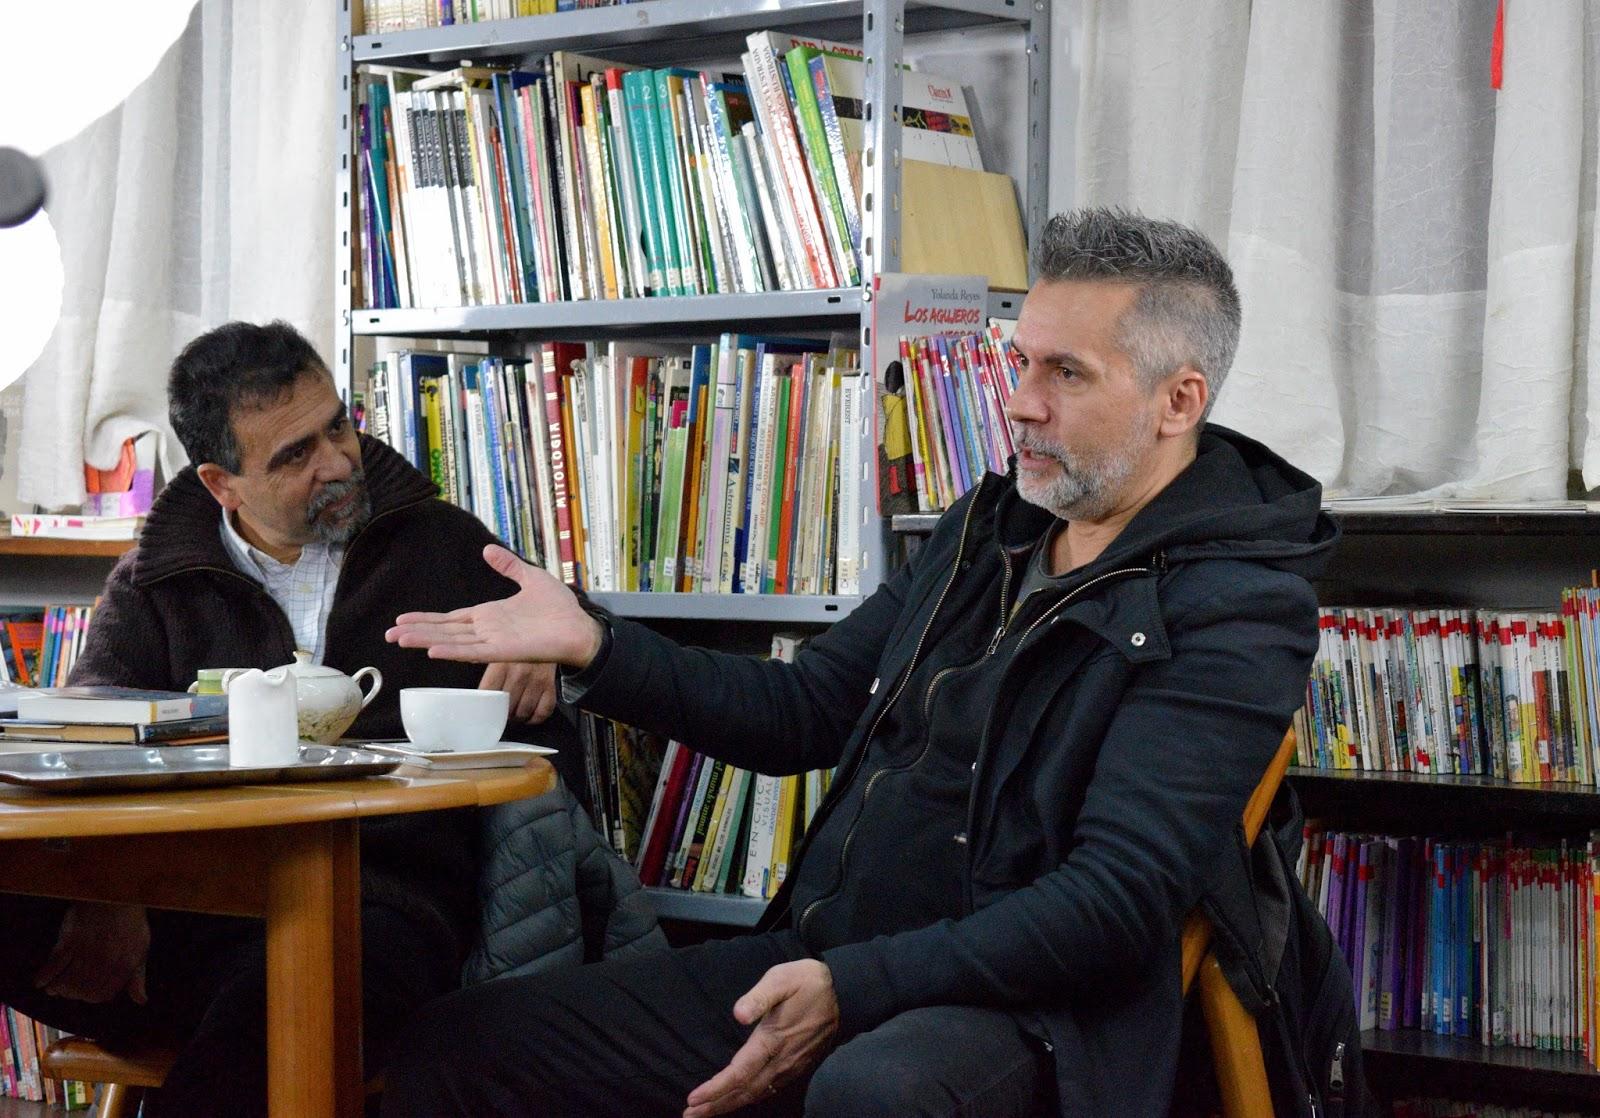 """Marcelo Figueras: """"Yo creo que contar historias es la mejor manera de pensar que tenemos"""""""